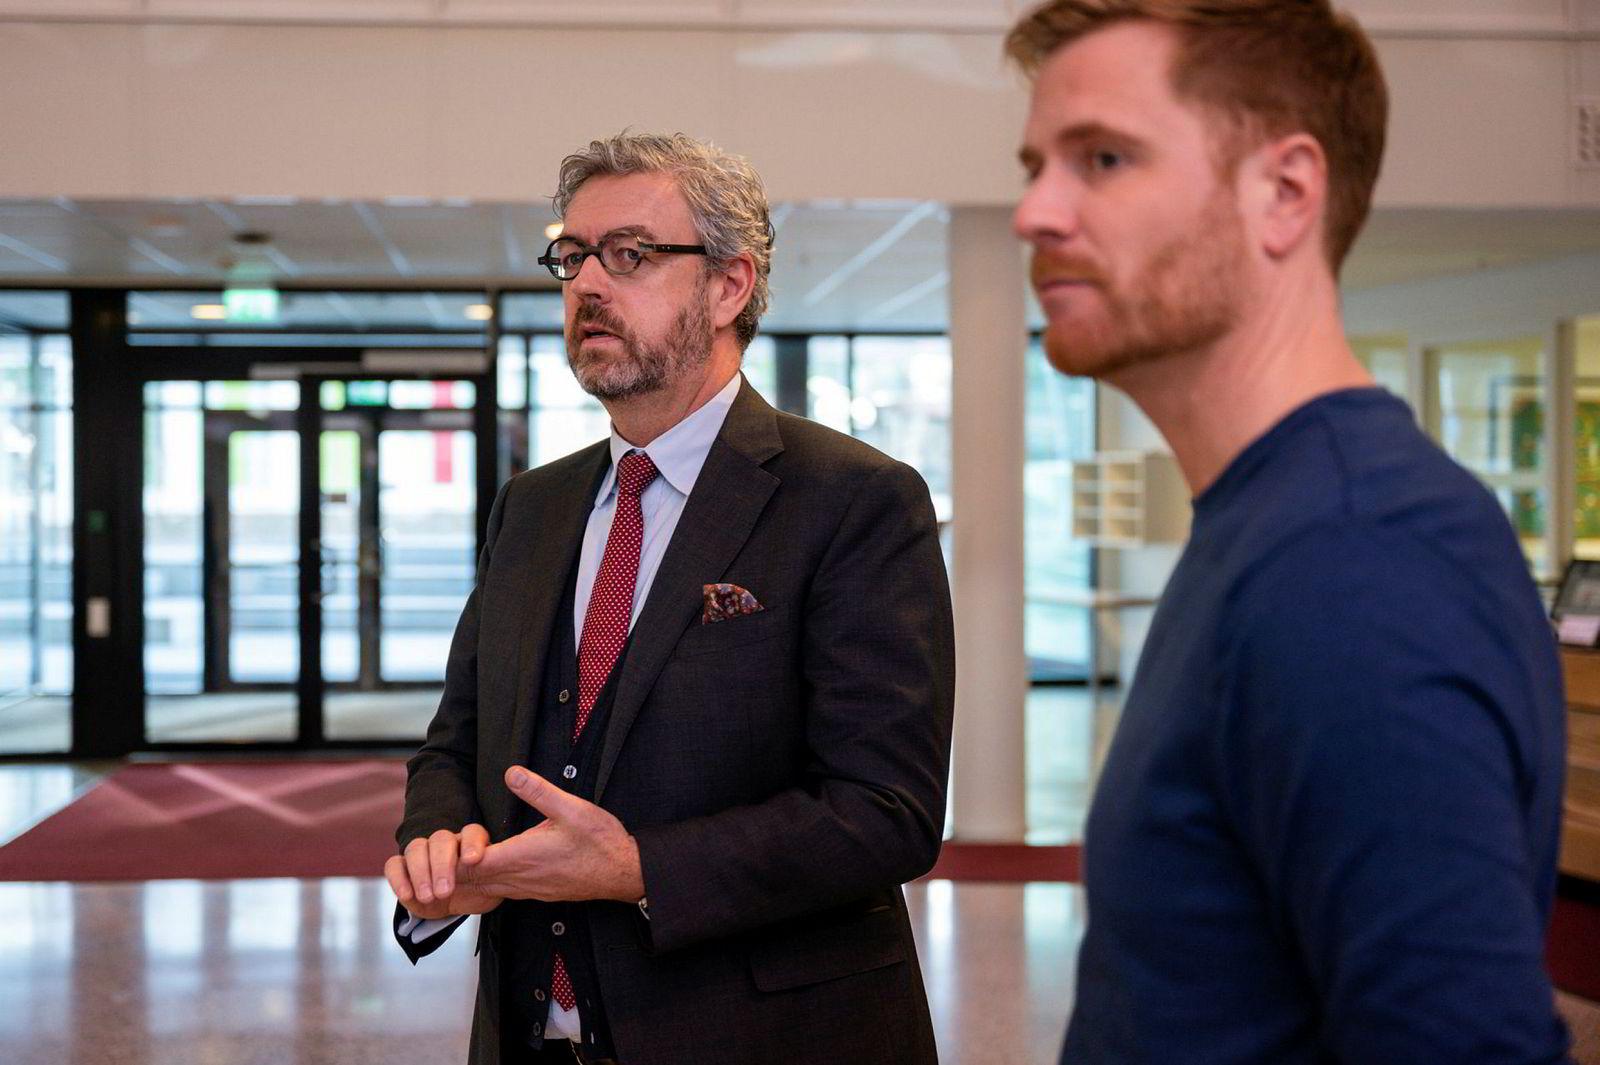 Mandag formiddag startet bostyrer Håvard Wiker (til venstre) å få oversikt over Gresvig-konkursen. Her er han sammen med Gresvig-sjef Lars Kristian Lindberg.